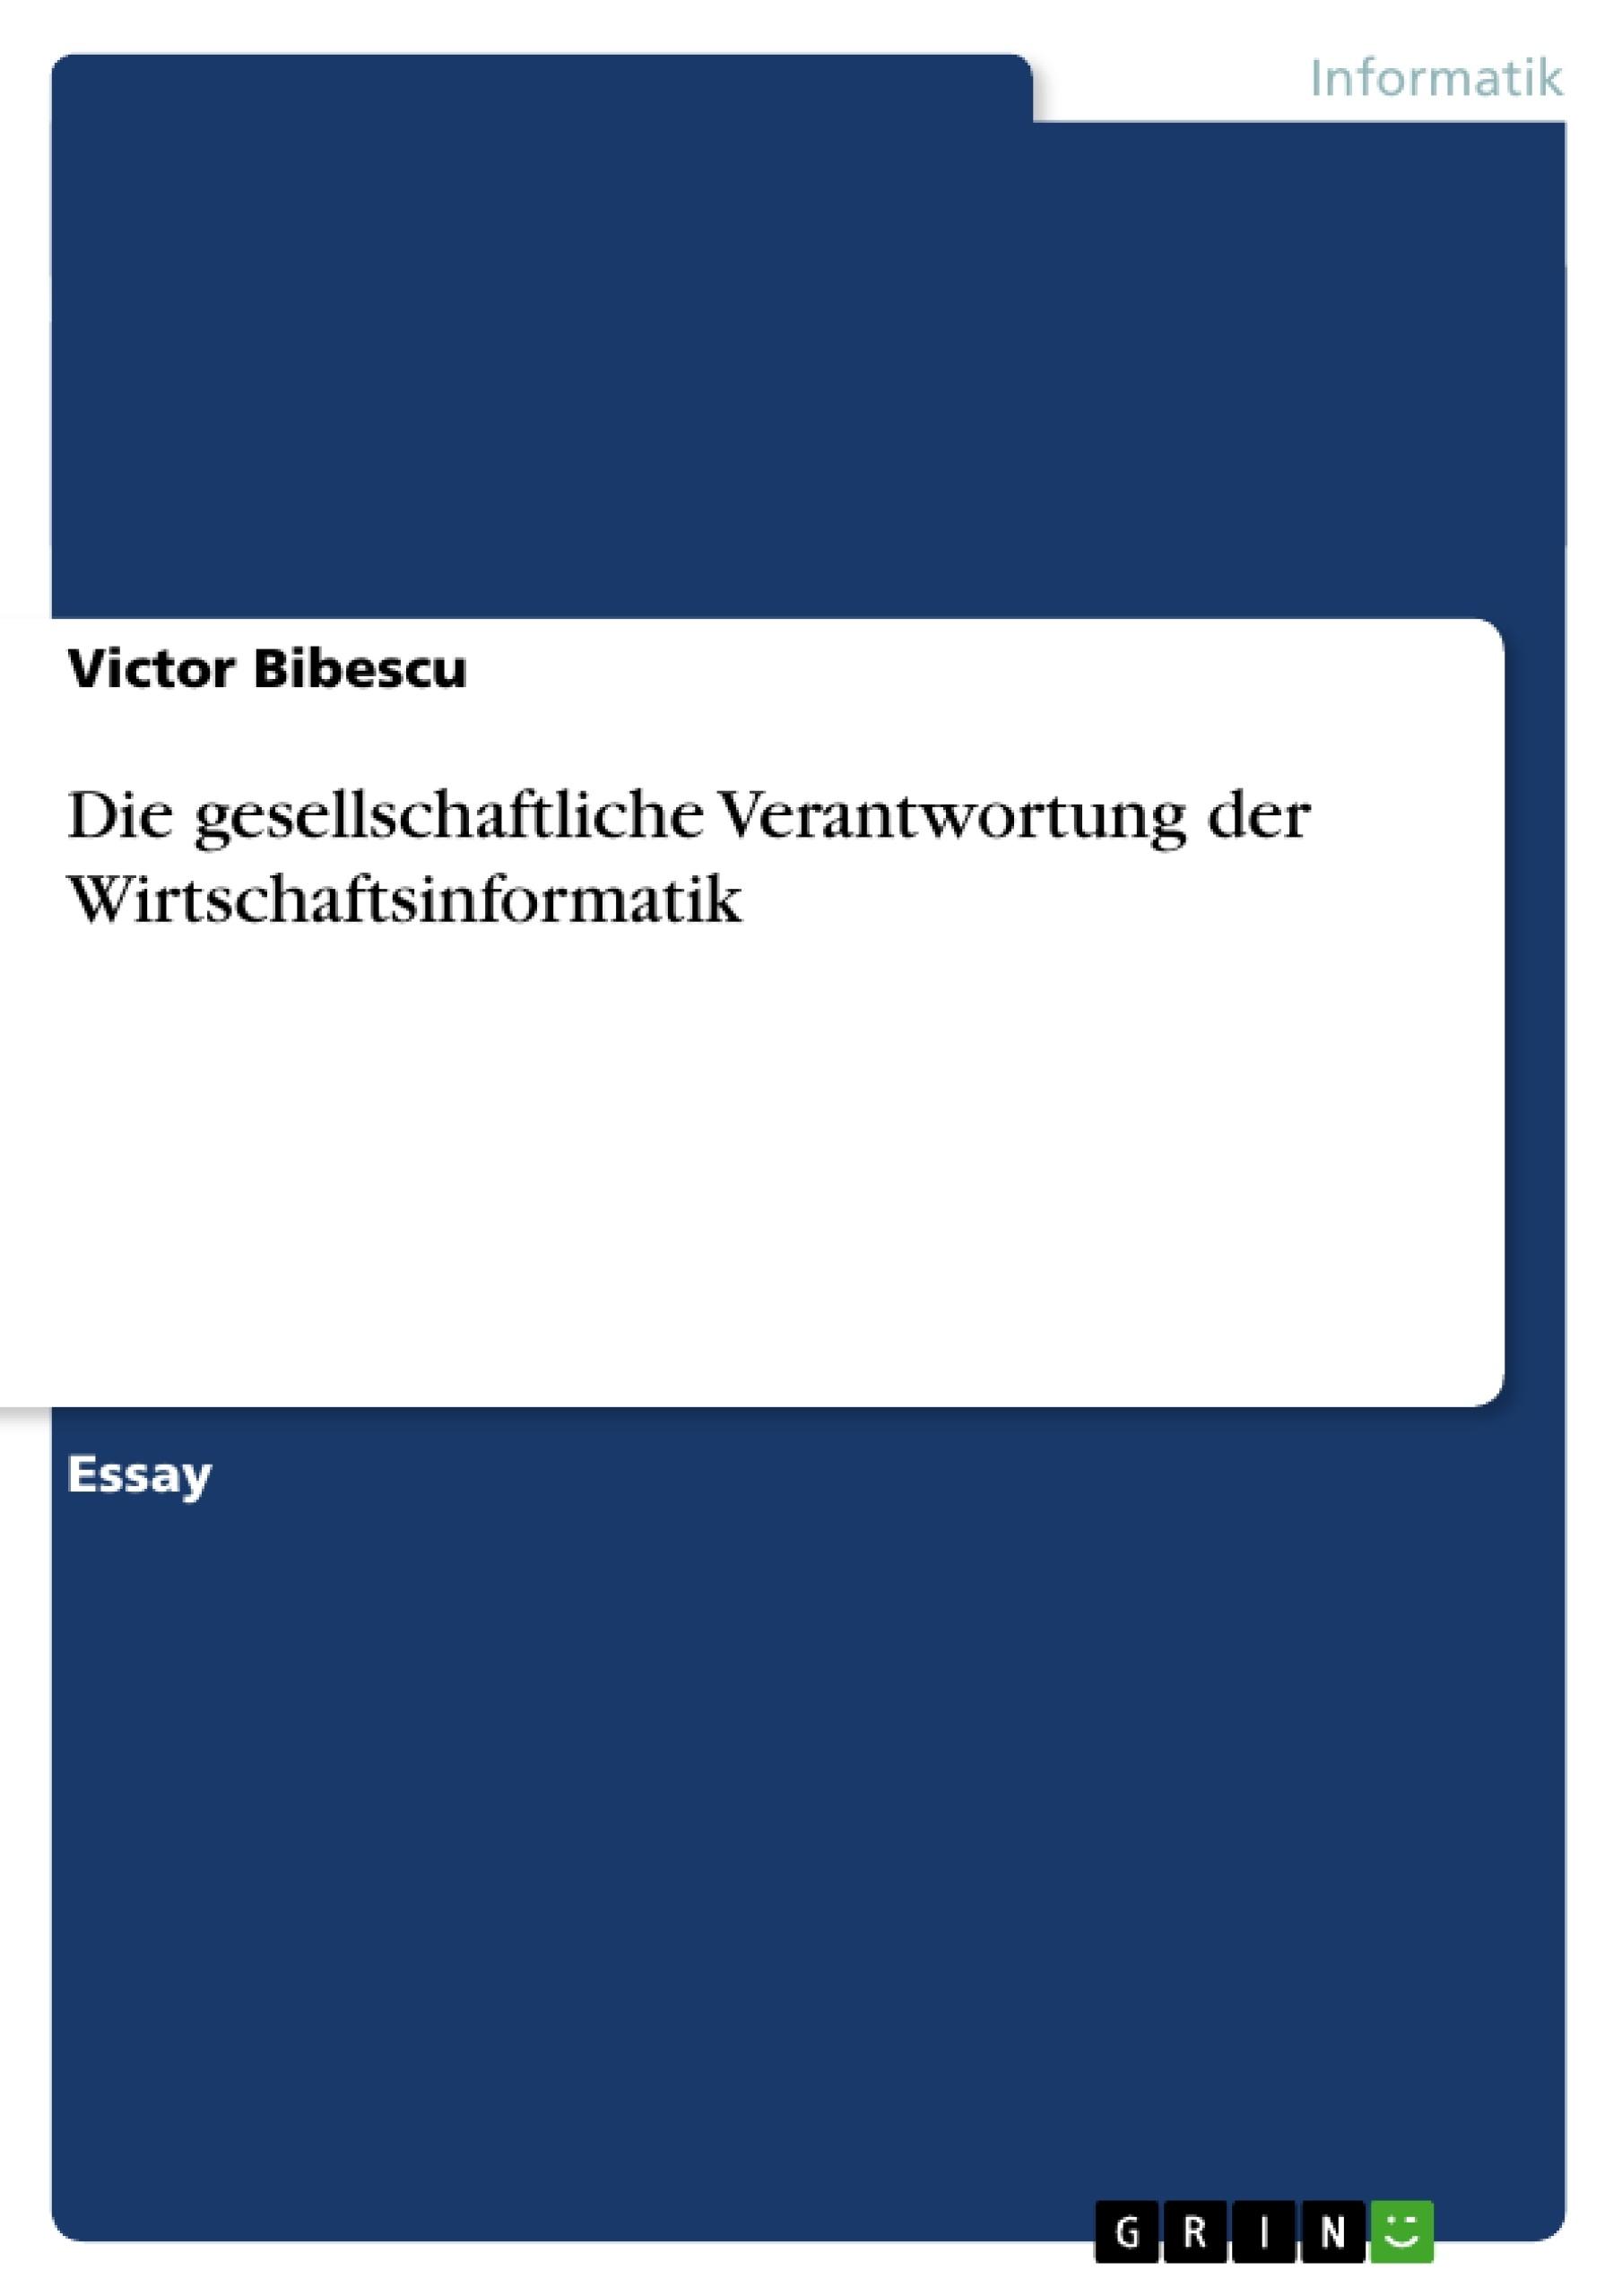 Titel: Die gesellschaftliche Verantwortung der Wirtschaftsinformatik